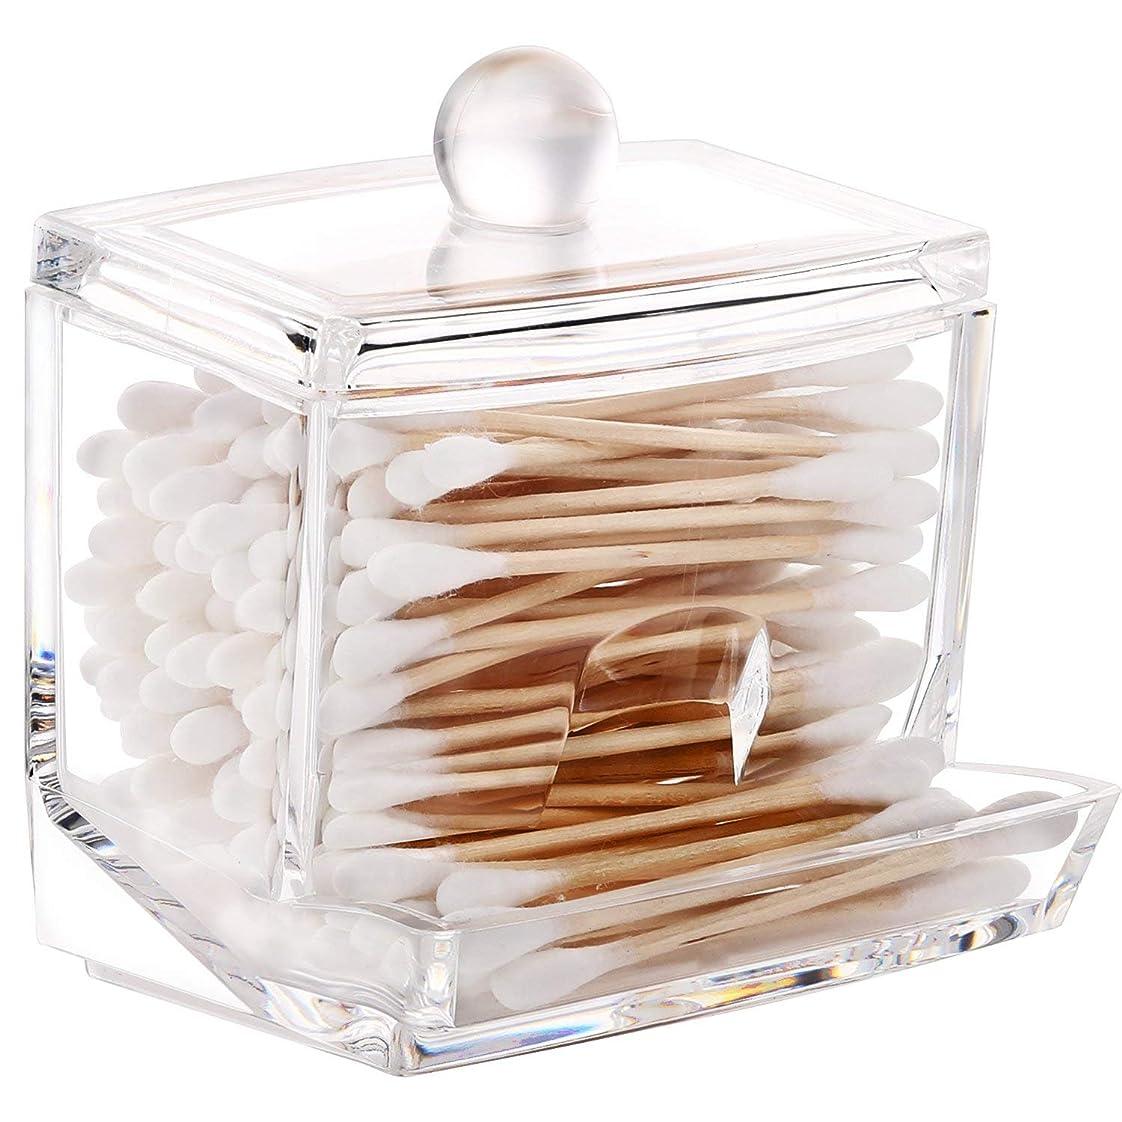 インタラクション添加剤みぞれFlou@ 棉棒ボックス 透明 蓋付き 防塵 コスメケース 小物収納 コットンケース 綿棒ケース アクリル製